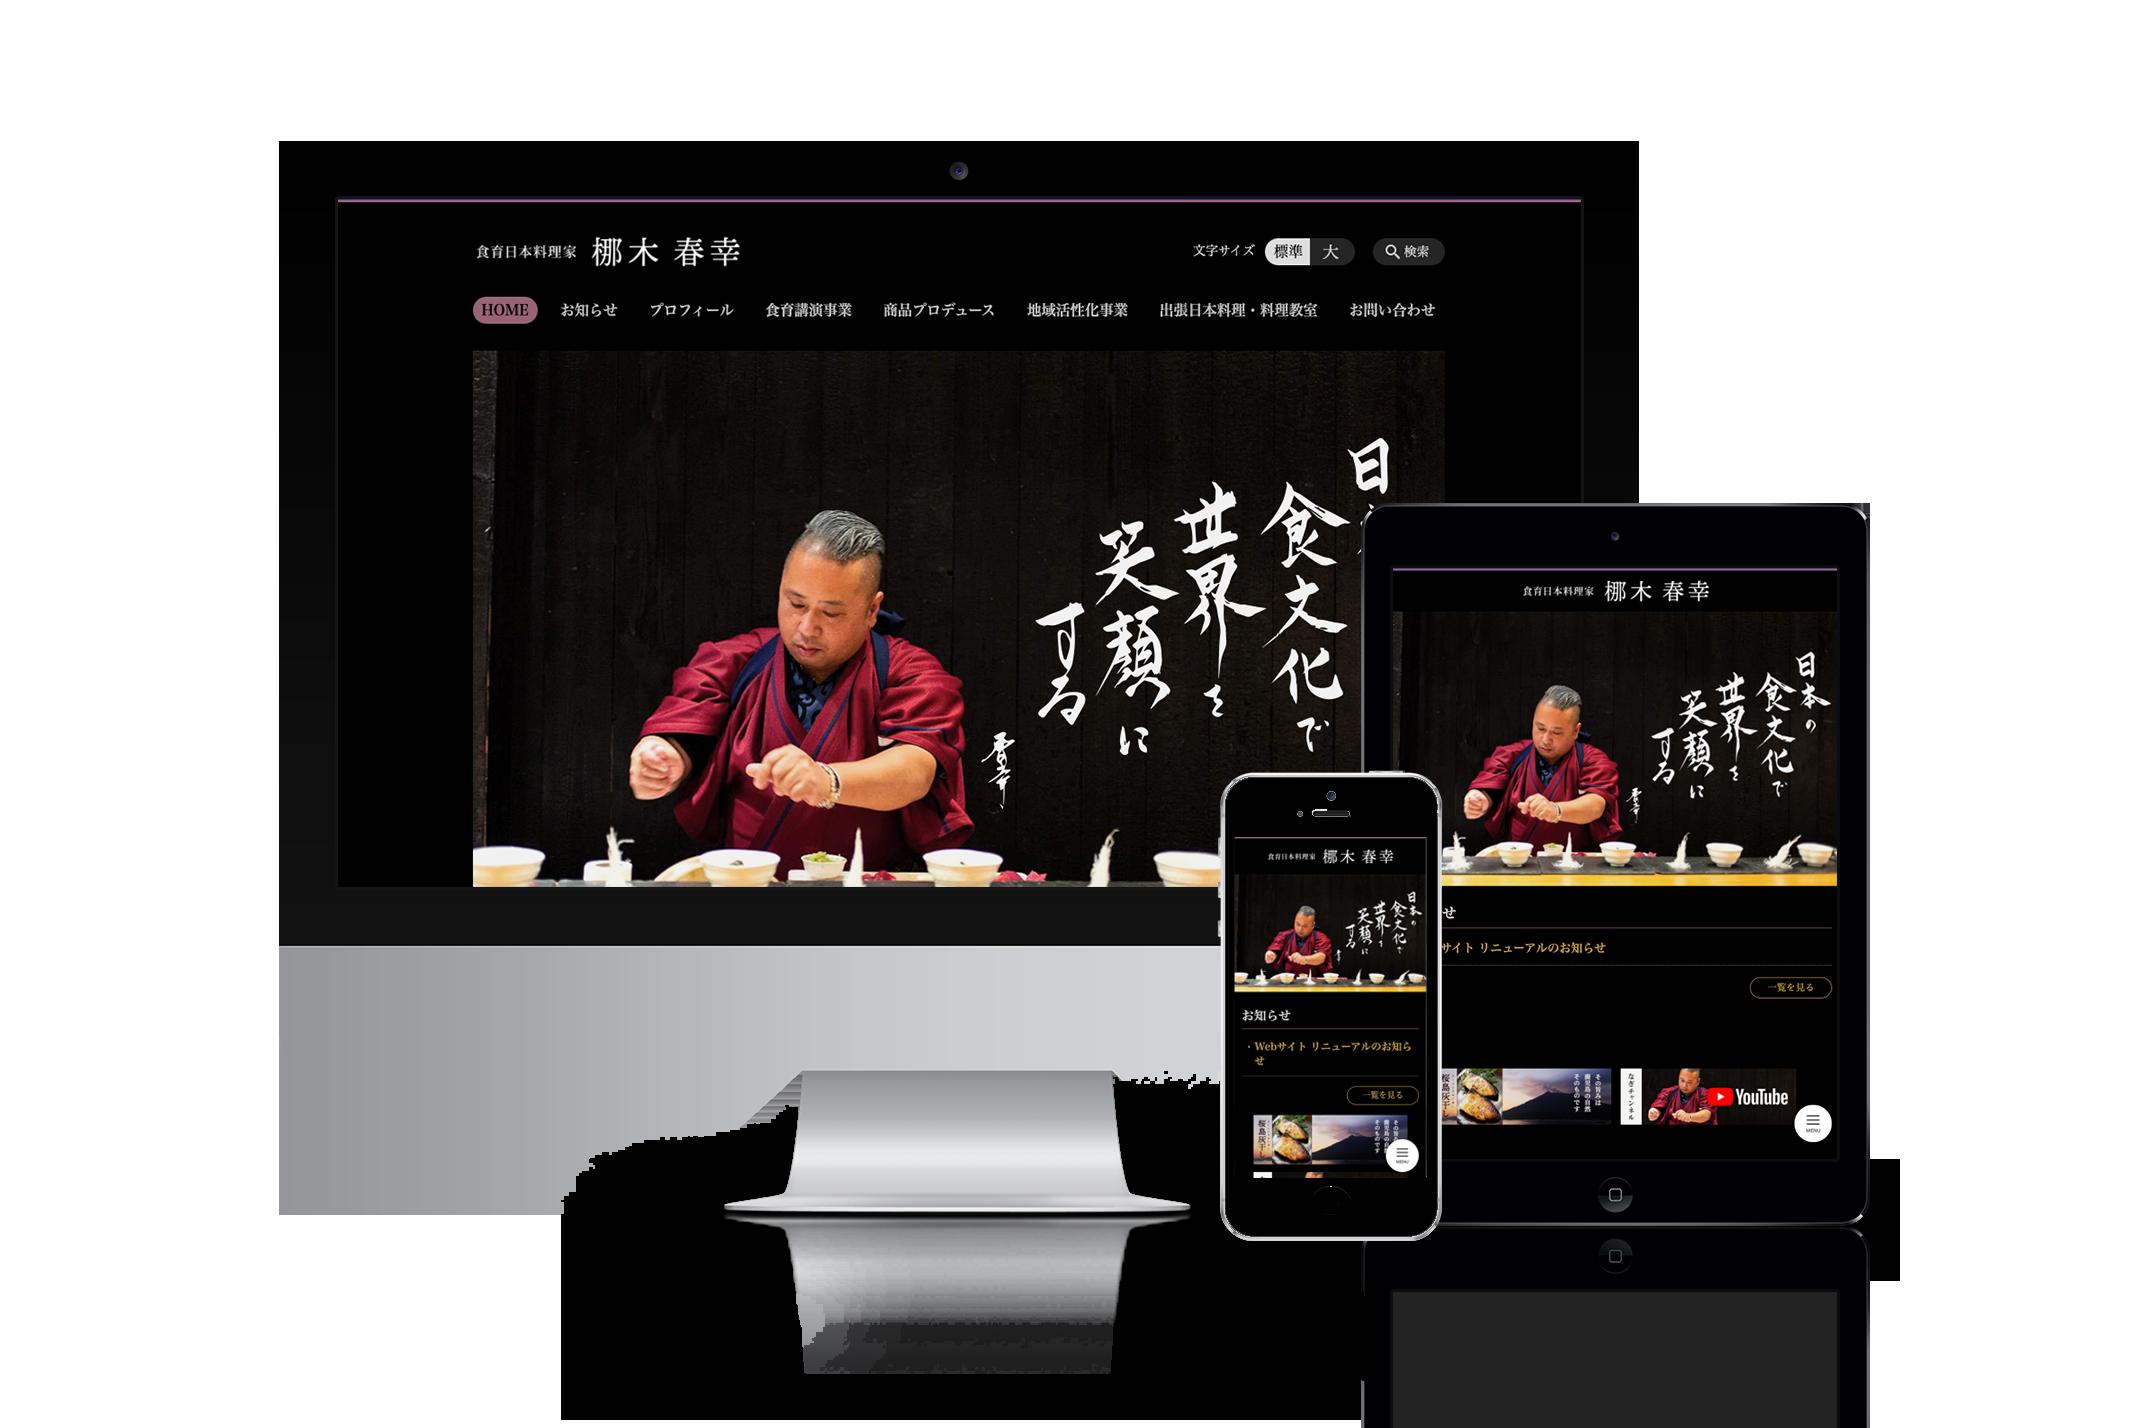 セレサイト制作実績「食育日本料理家 梛木 春幸」